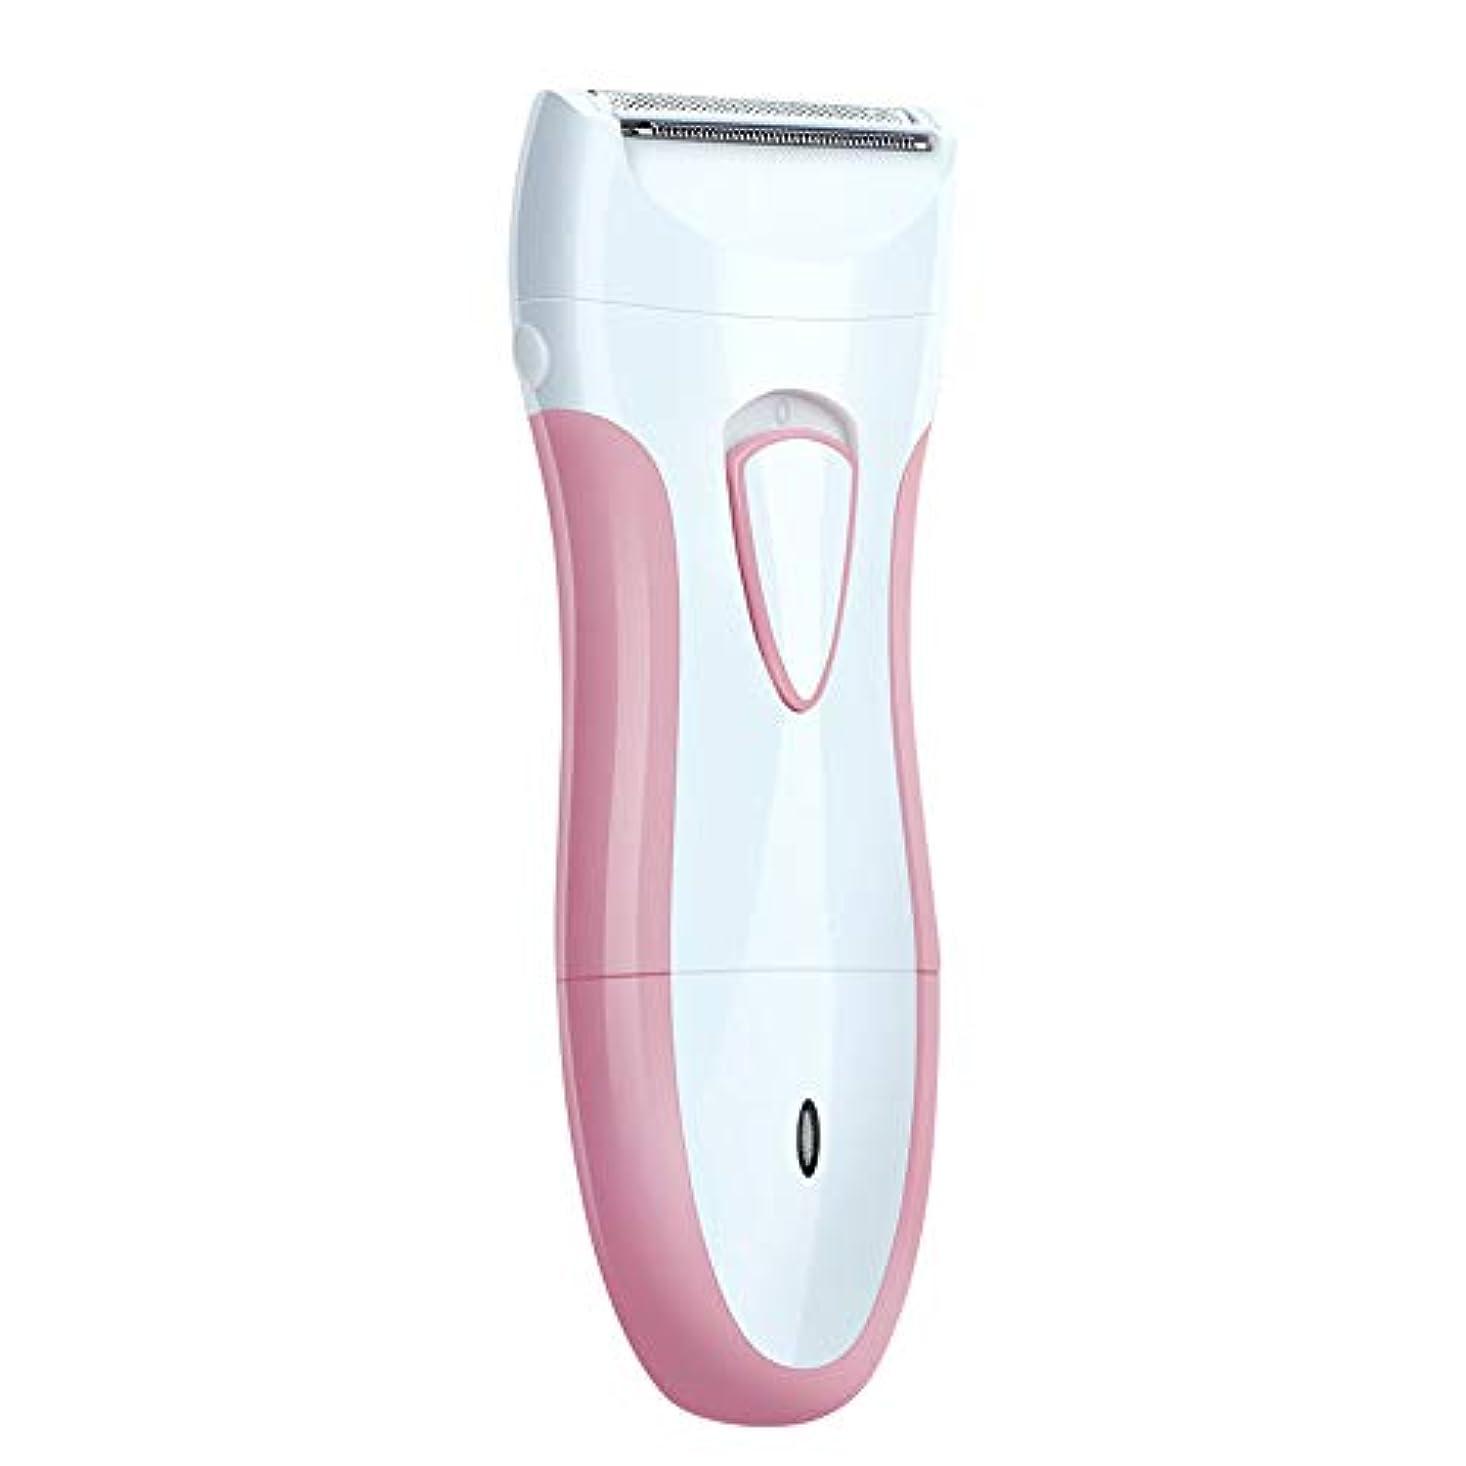 判定自分を引き上げる鉄道駅ポータブル脱毛器は、体の顔脇の下ビキニラインのための女性のための長い髪の成長痛みのない完璧な脱毛デバイスを削減します,ピンク